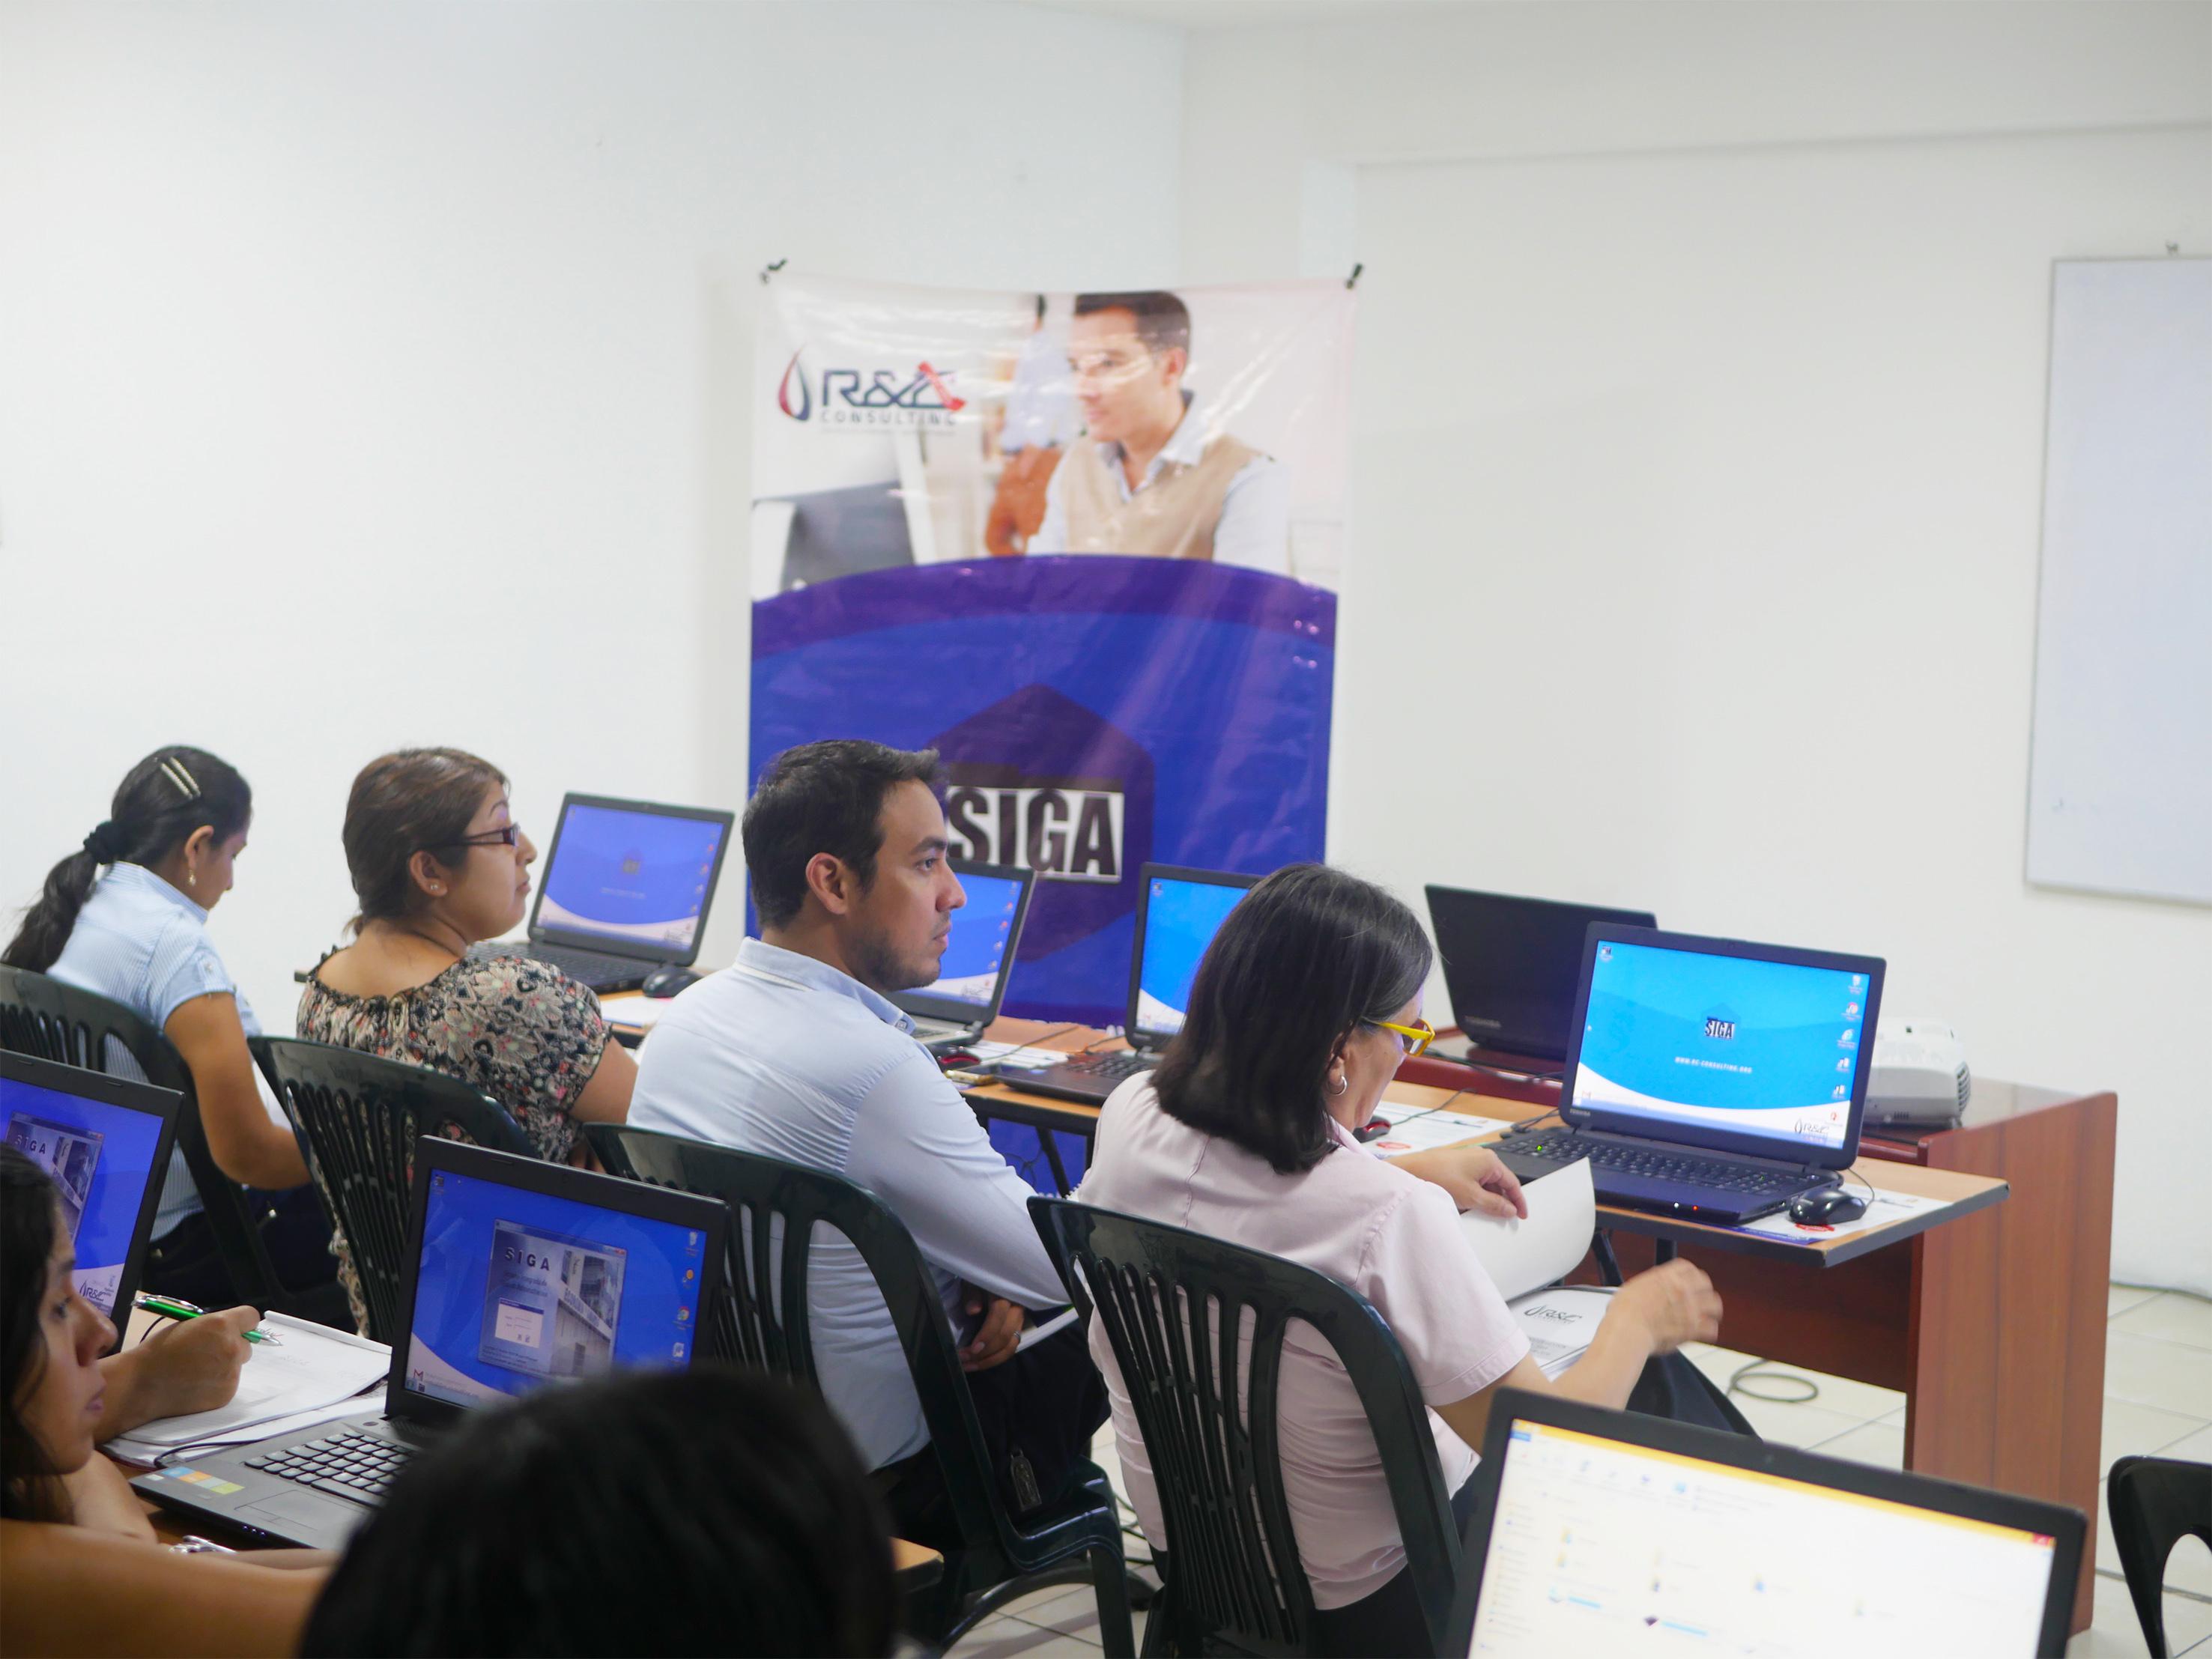 P1000175 Soporte SIAF   SIGA I Soluciones tecnicas de los sistemas gubernamentales